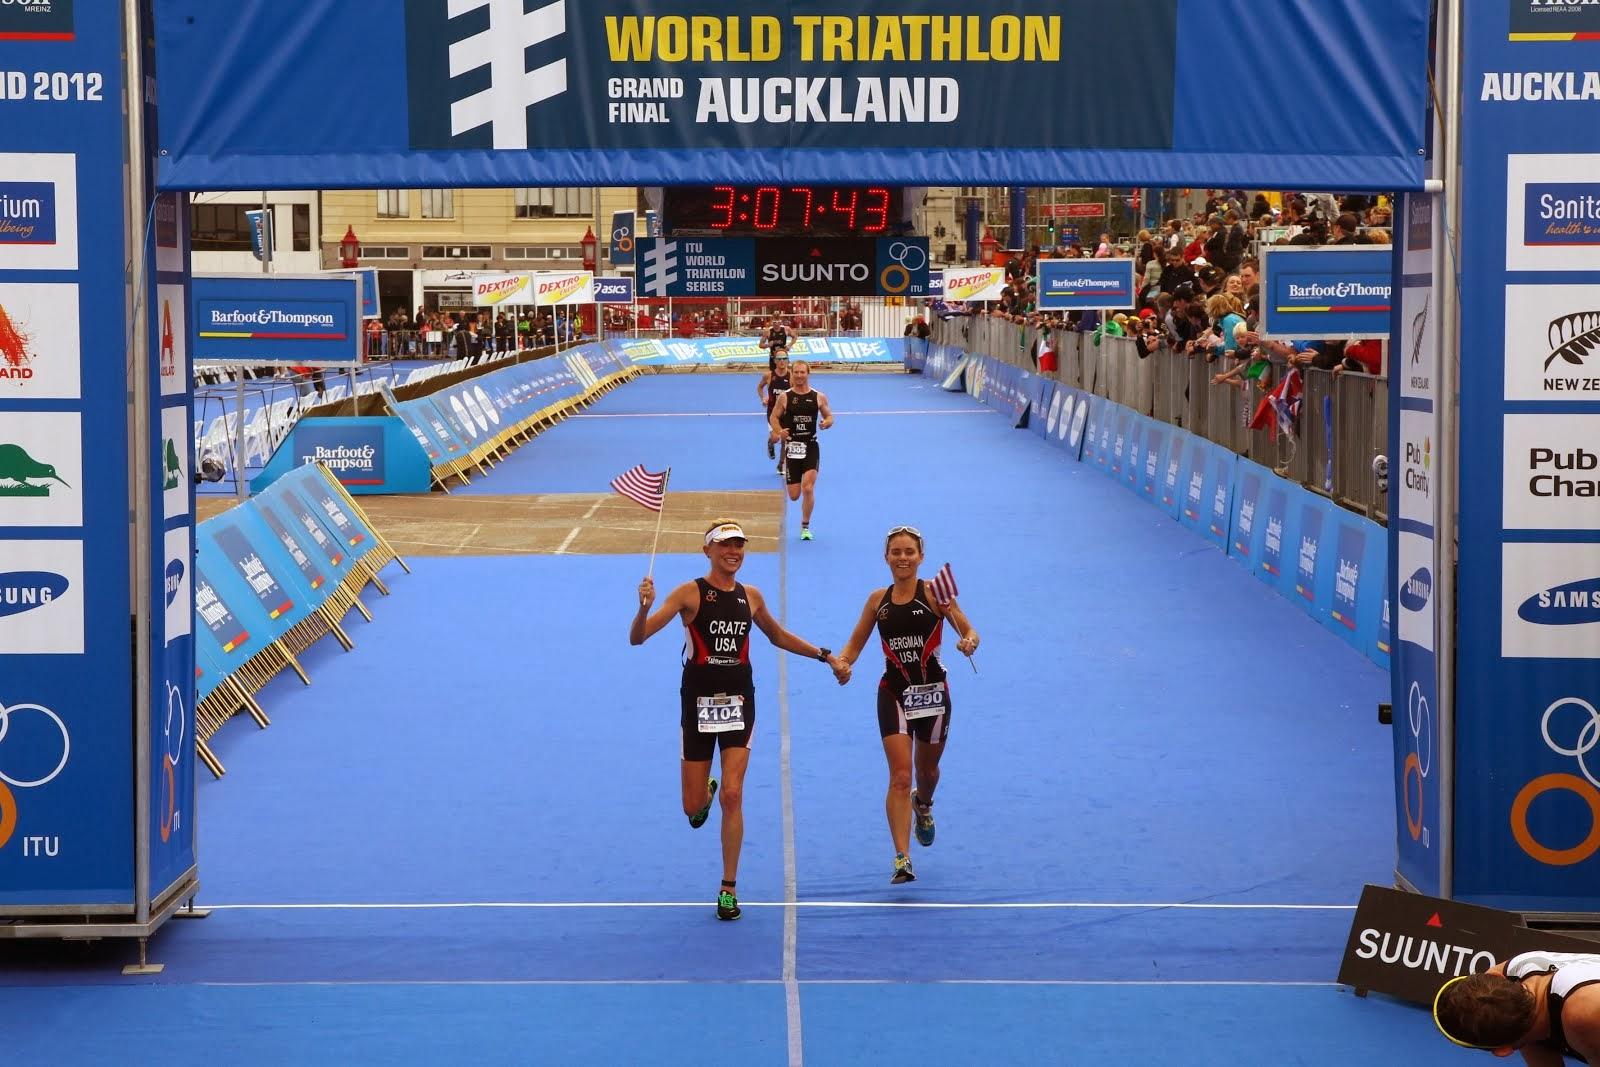 ITU worlds 2012